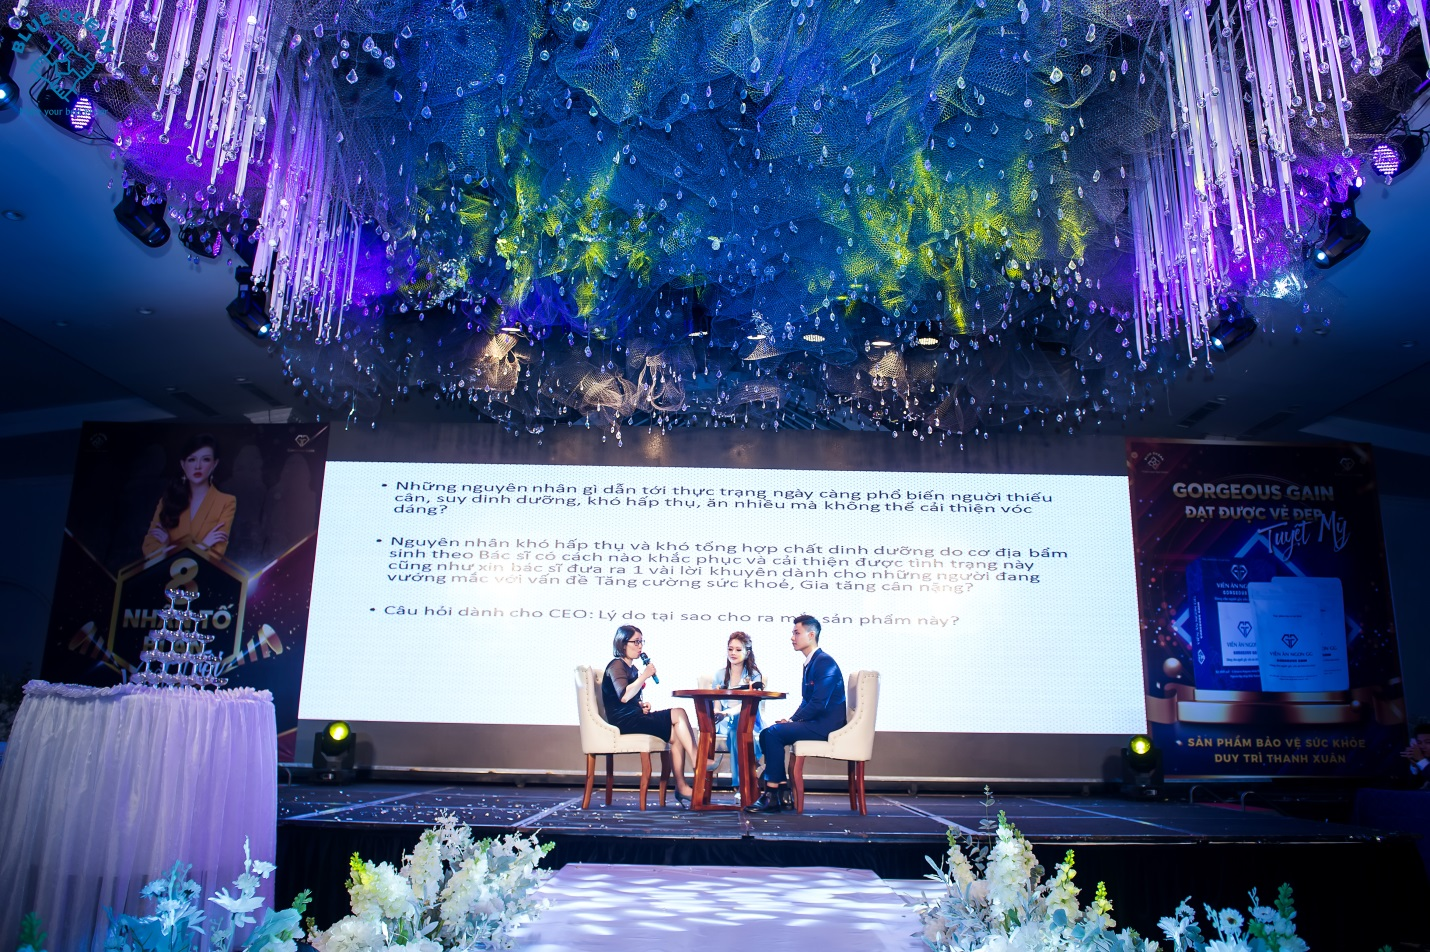 Công ty dược phẩm quốc tế Blue Ocean tổ chức lễ giới thiệu sản phẩm mới và vinh danh hệ thống nhà phân phối xuất sắc  - Ảnh 3